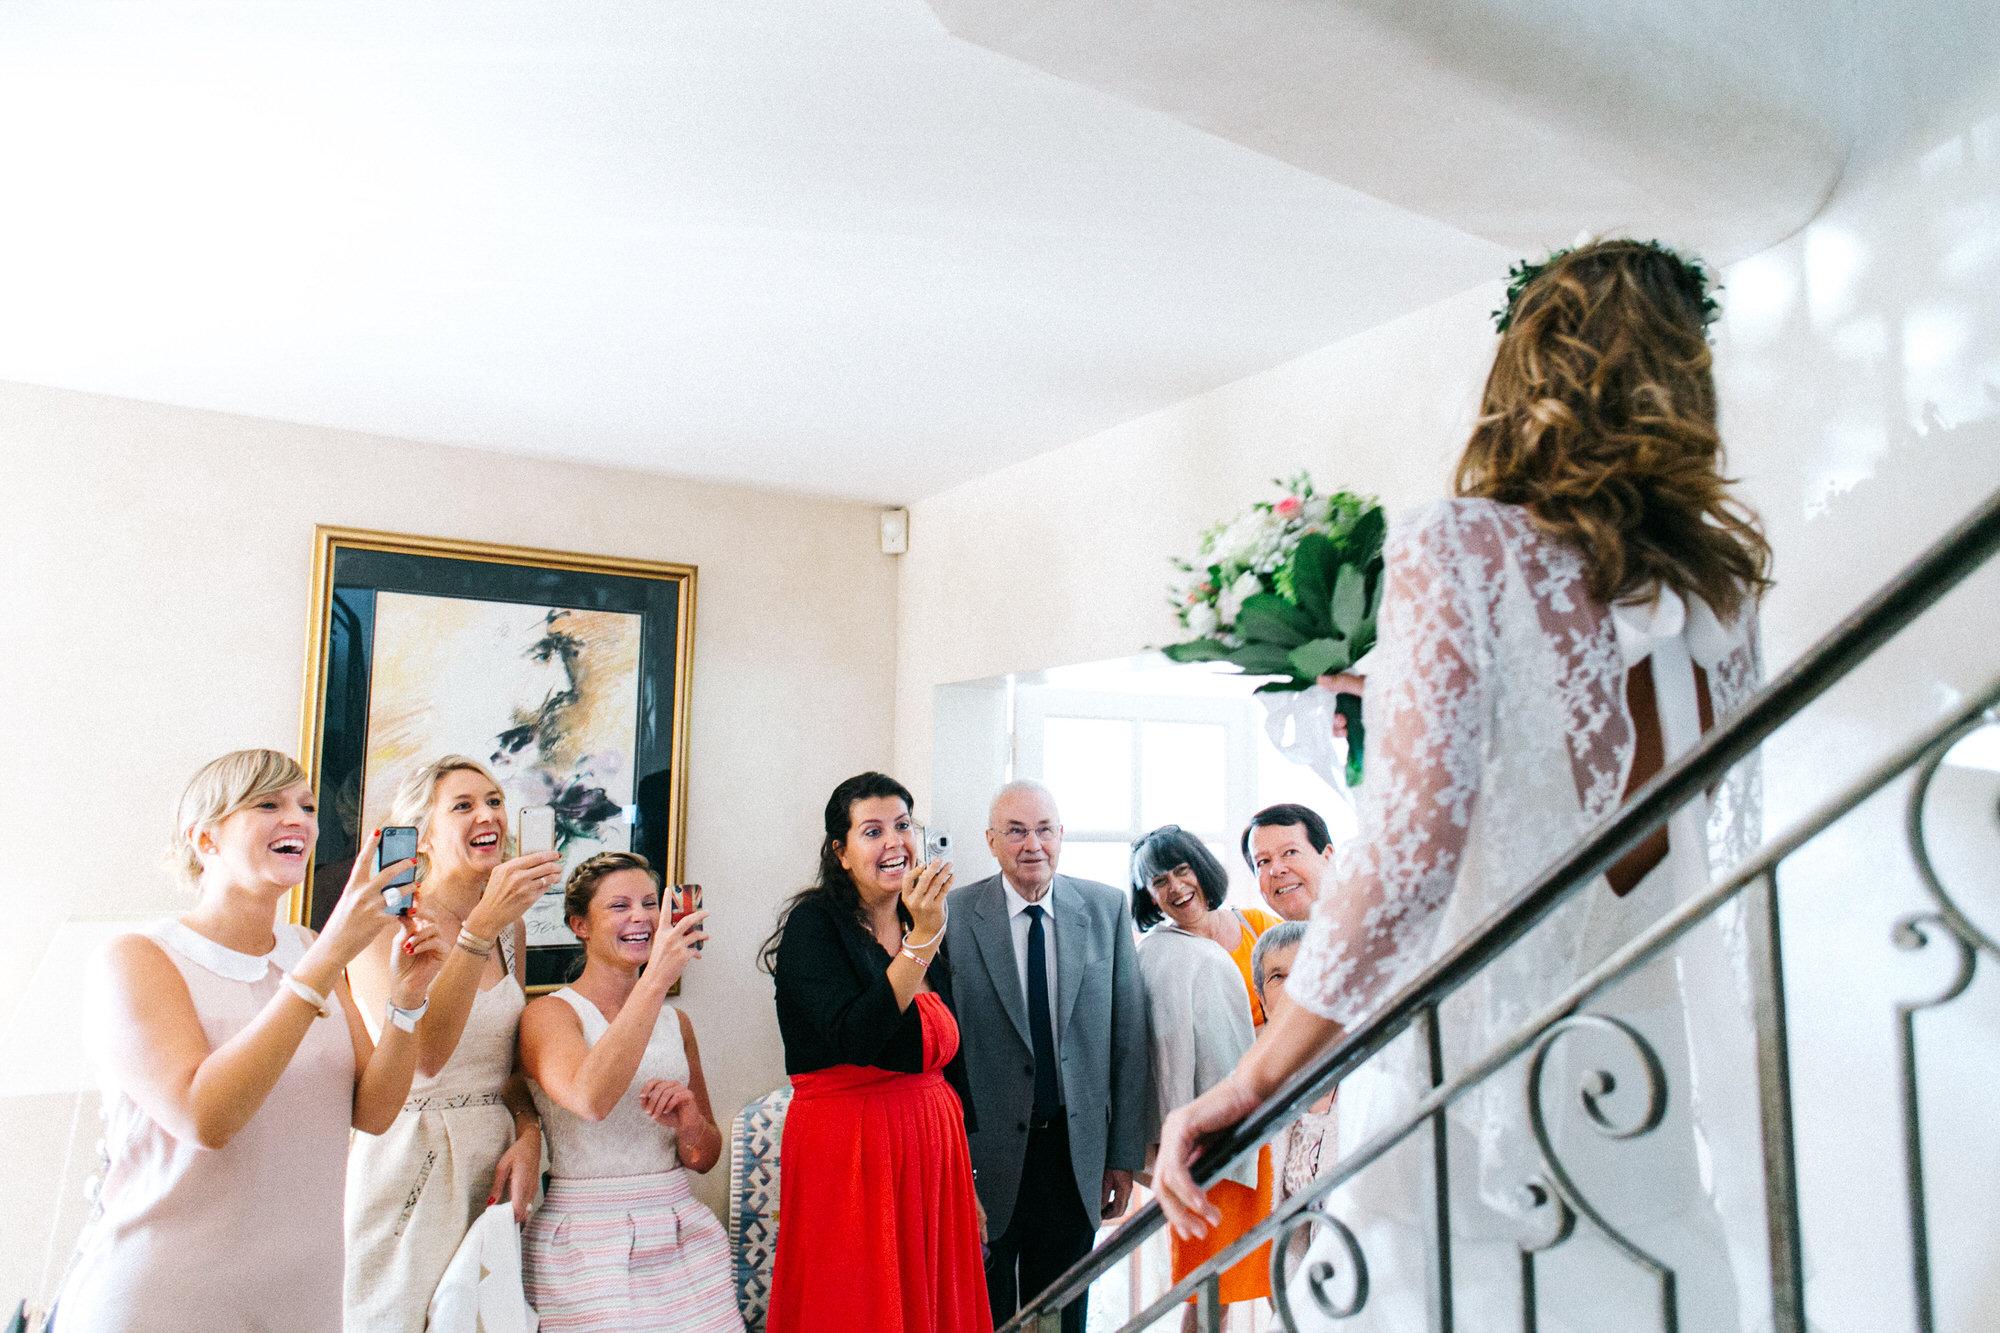 photographe-mariage-la-roche-sur-yon-16